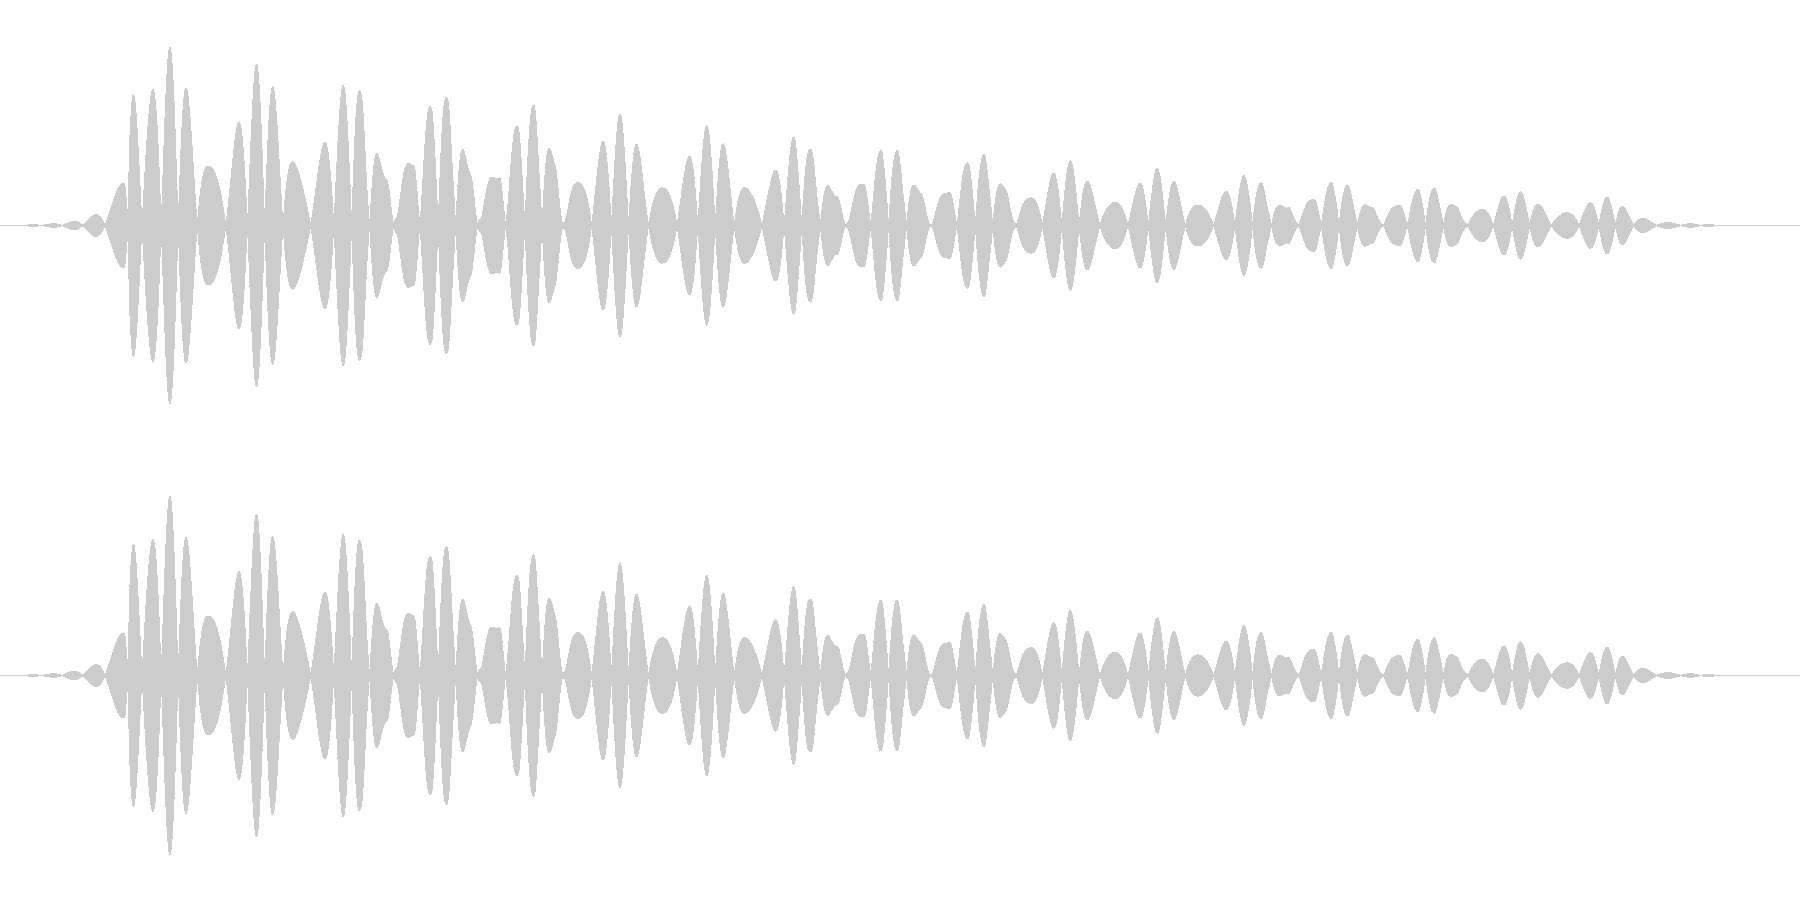 キャンセル(パソコン/エラー画面)の未再生の波形